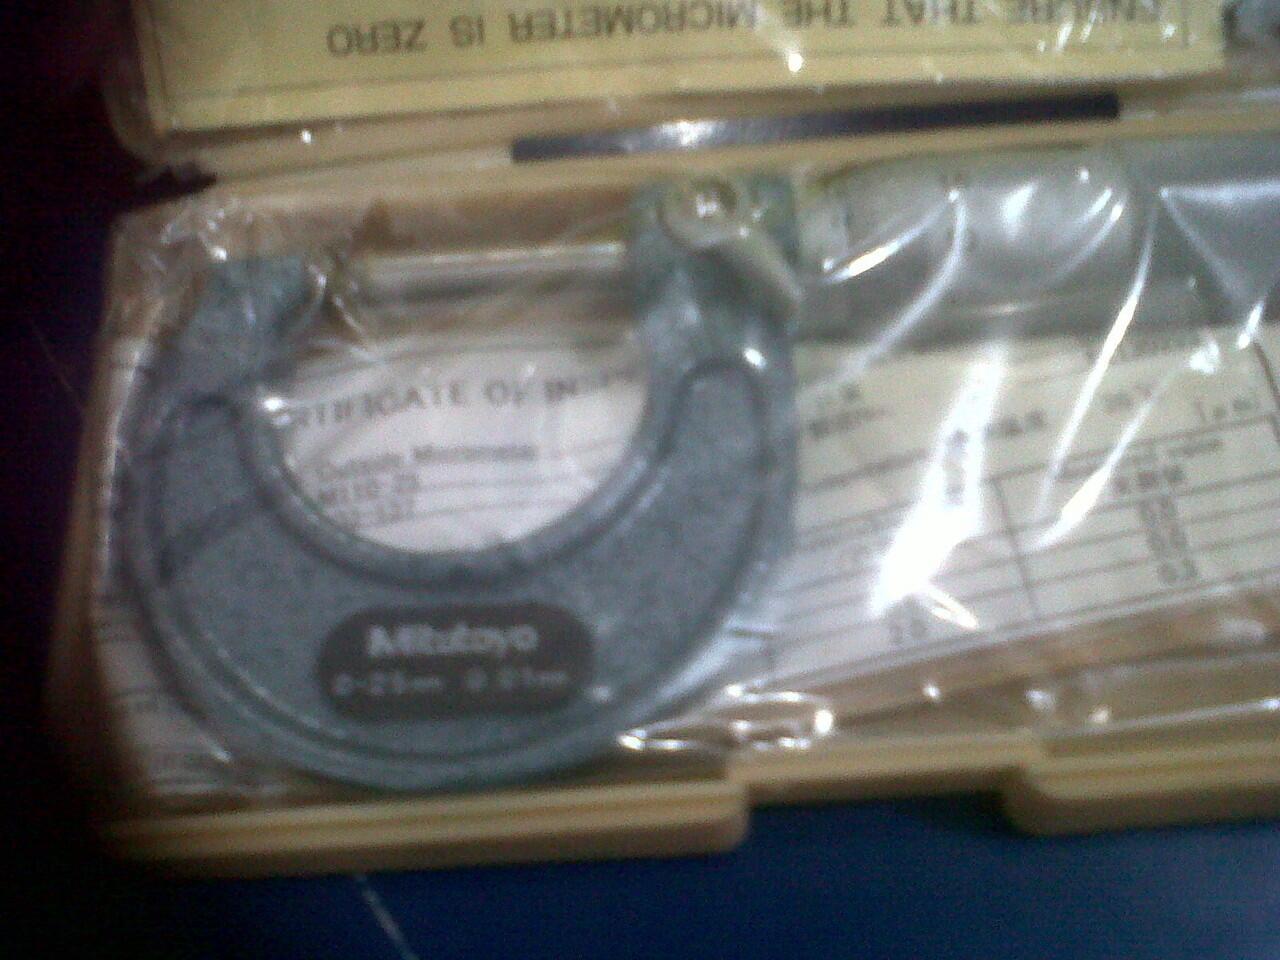 wts micrometer(mitutoyo) murah banget